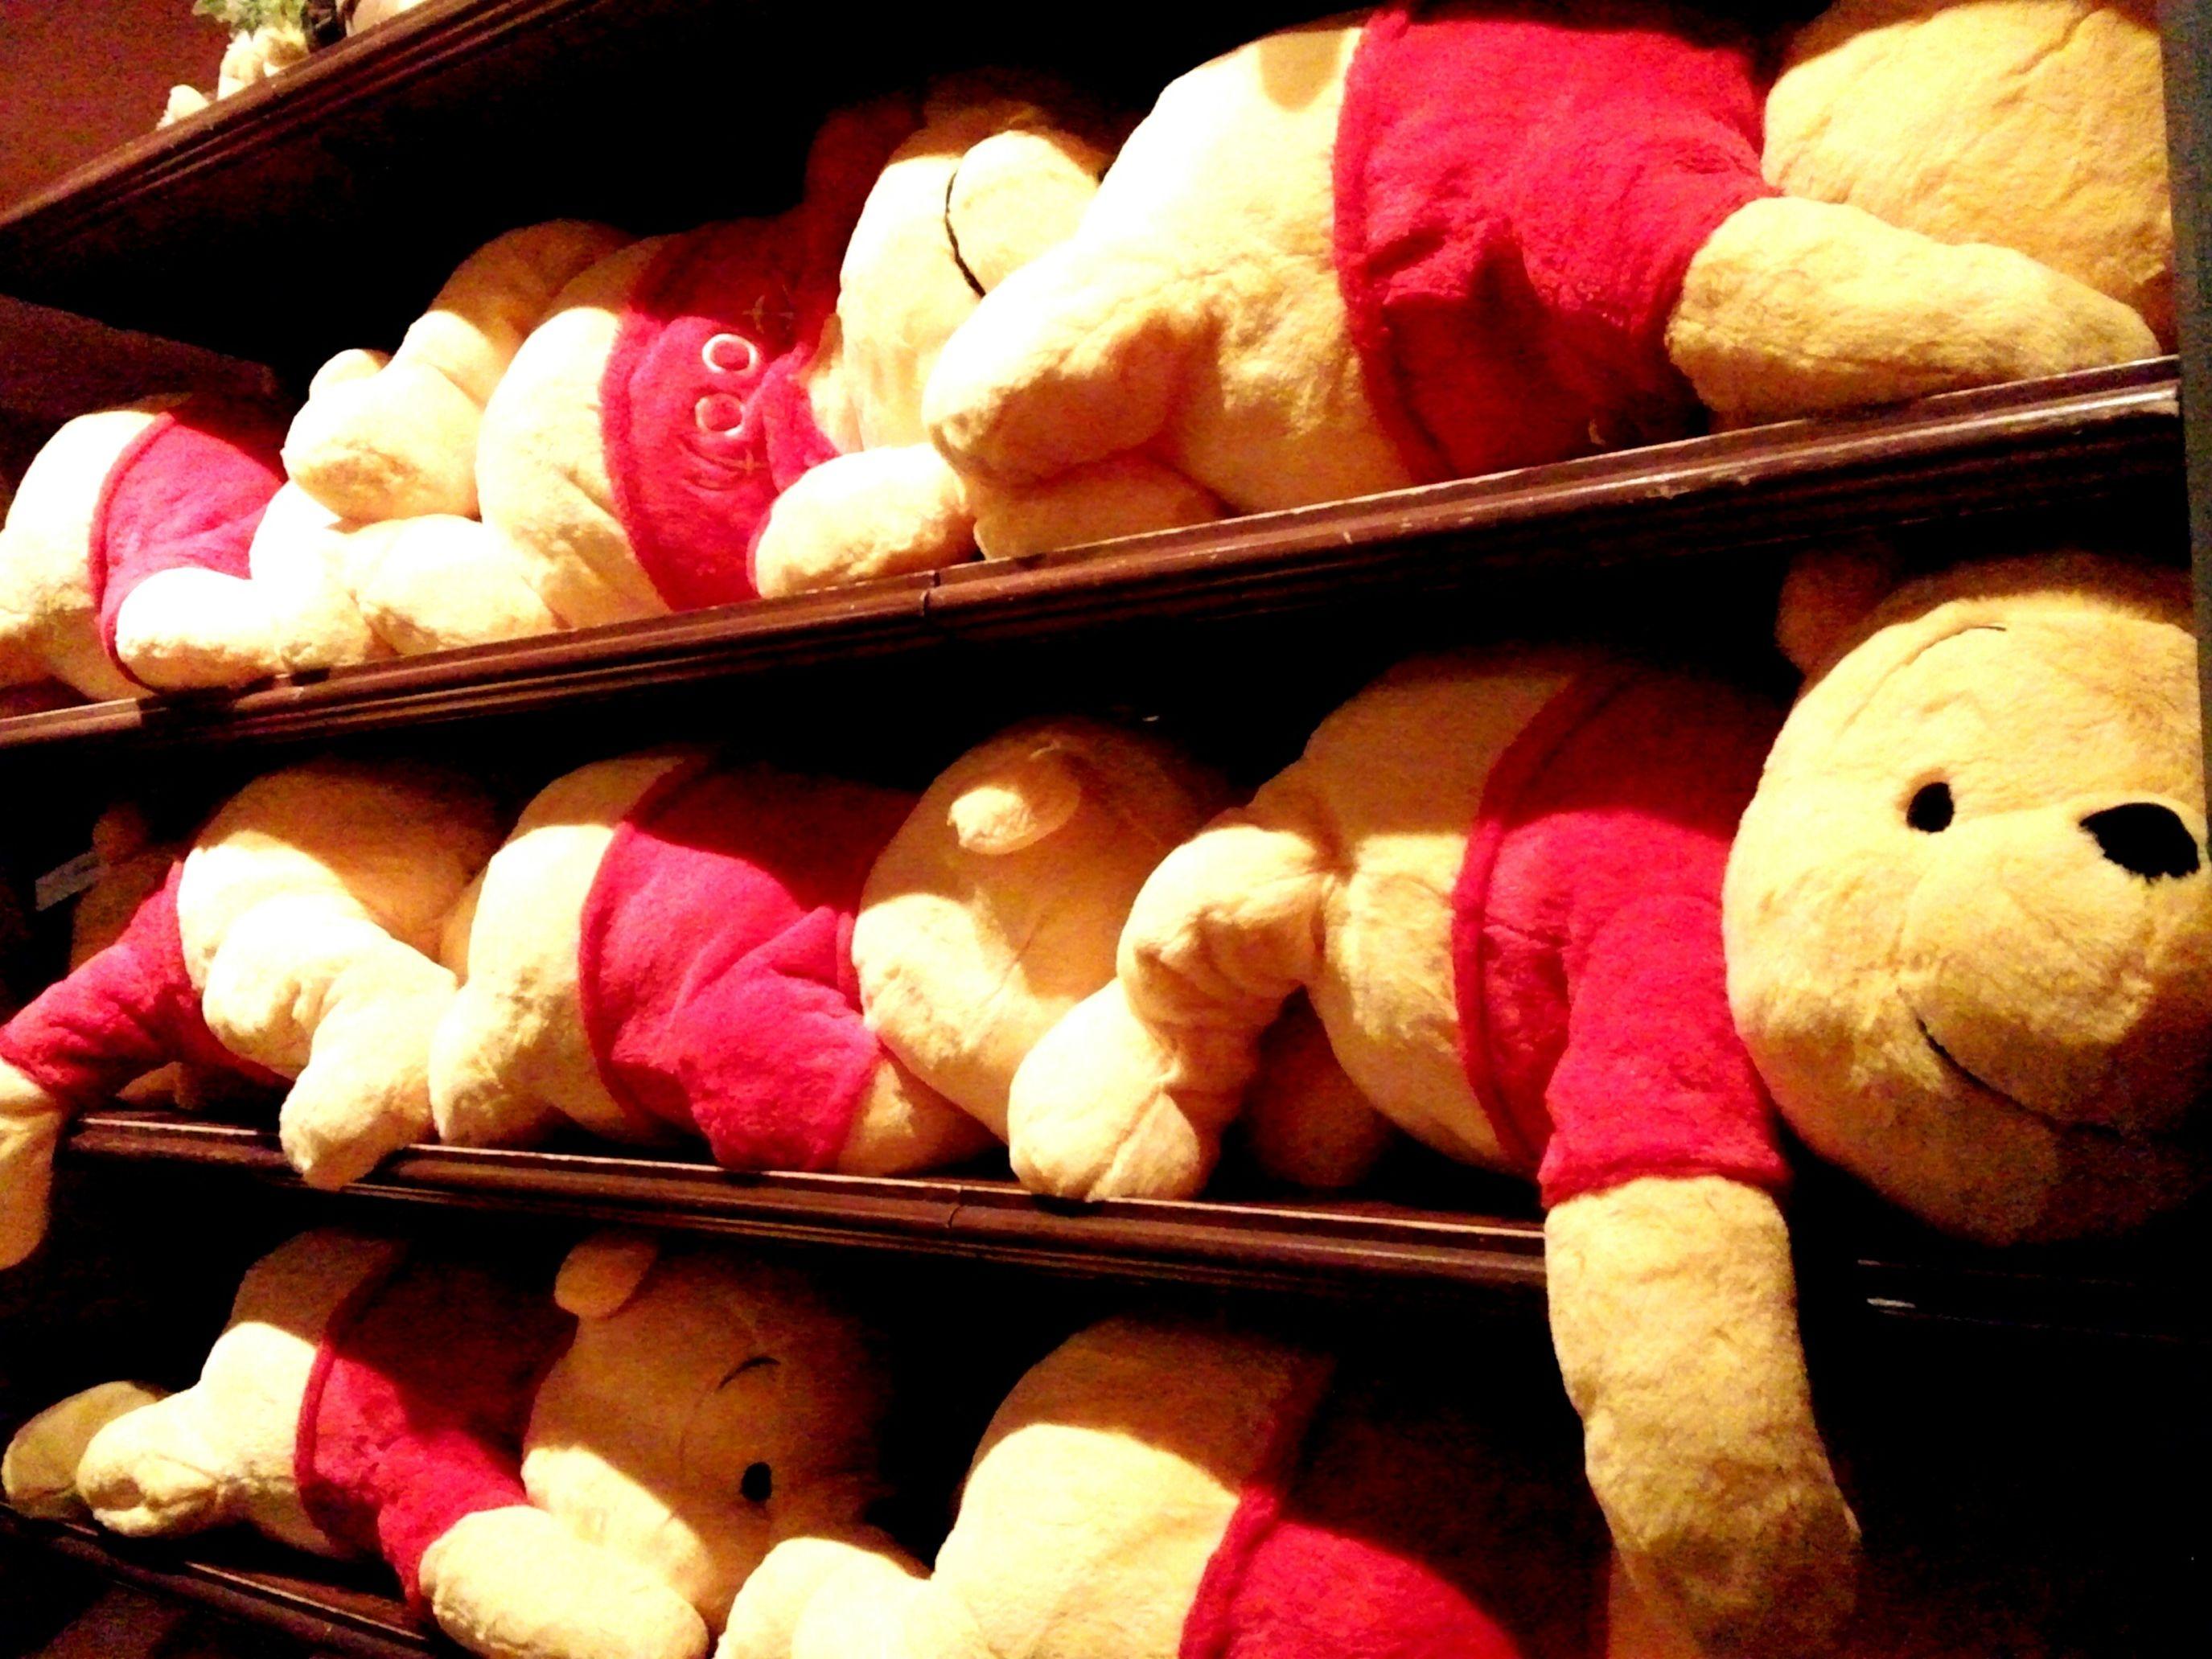 02282016 Pooh ぷーさん ぬいぐるみ ディズニーランド ハチミツ食べたい 買って欲しそうにこっちを見ているプーさん達♪